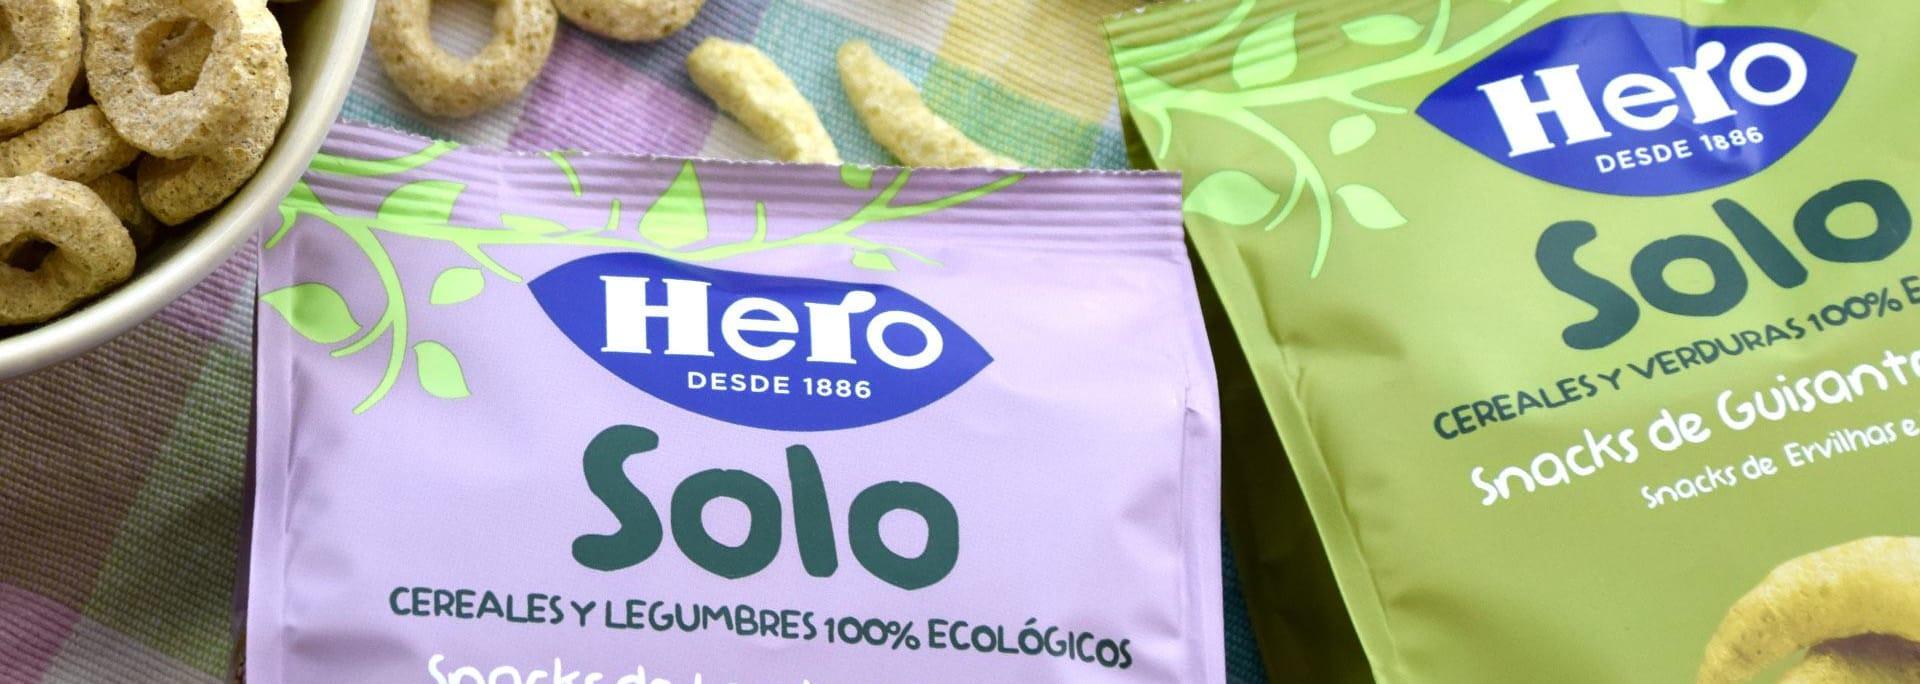 Nuevos Snacks Hero Solo